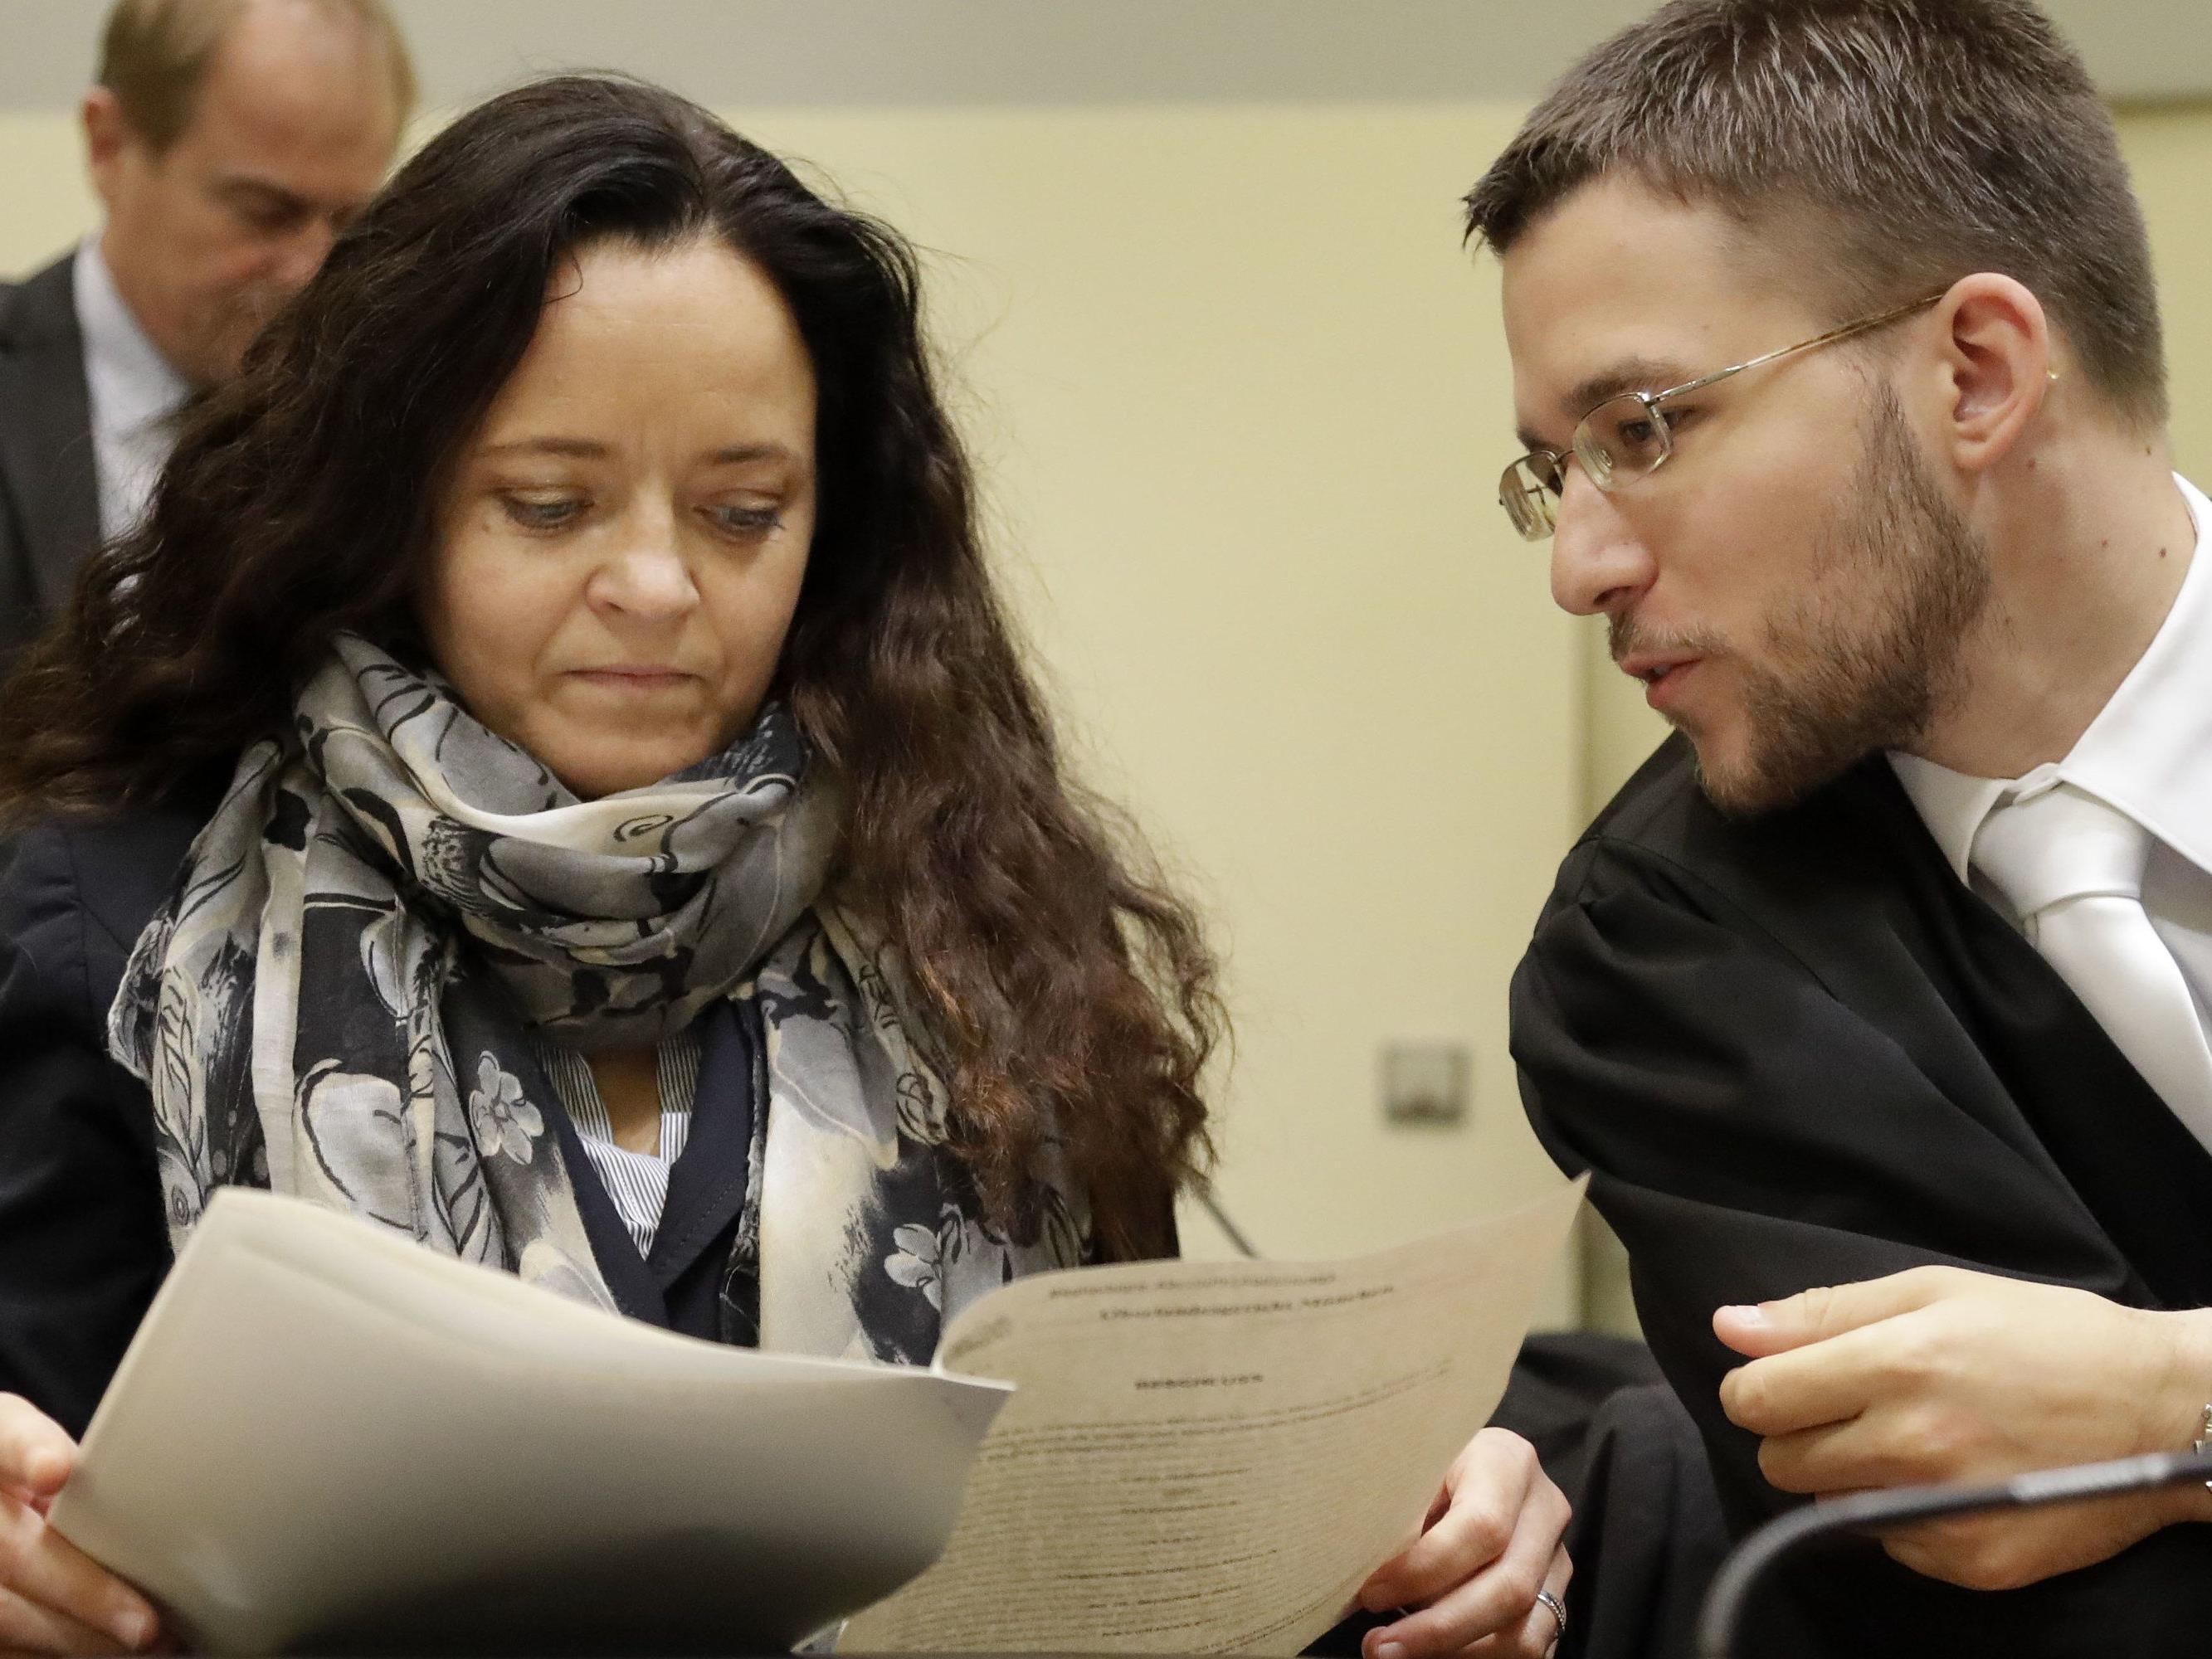 NSU-Prozess: Mysteriöses Zeugensterben geht weiter - Welt-News -- VOL.AT